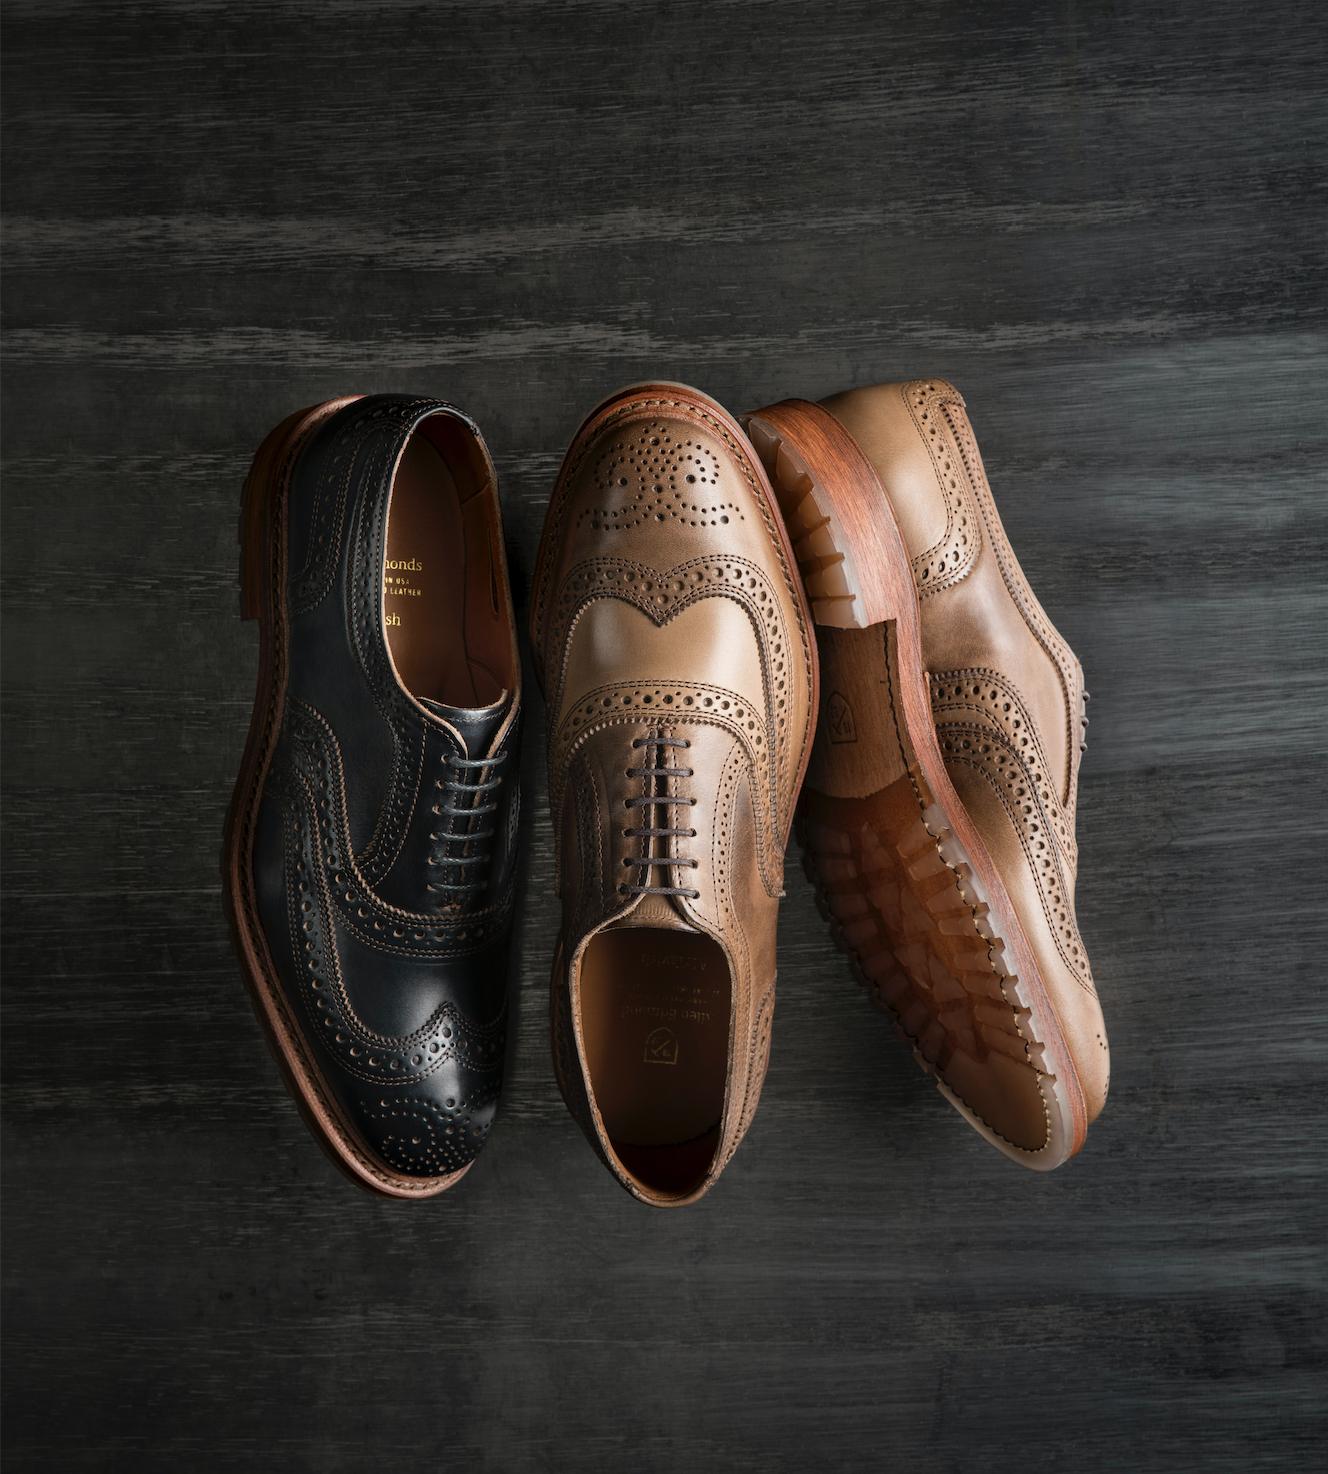 official photos fddca 5b79a Allen Edmonds McTavish | Allen Edmonds | Dress shoes, Shoes ...